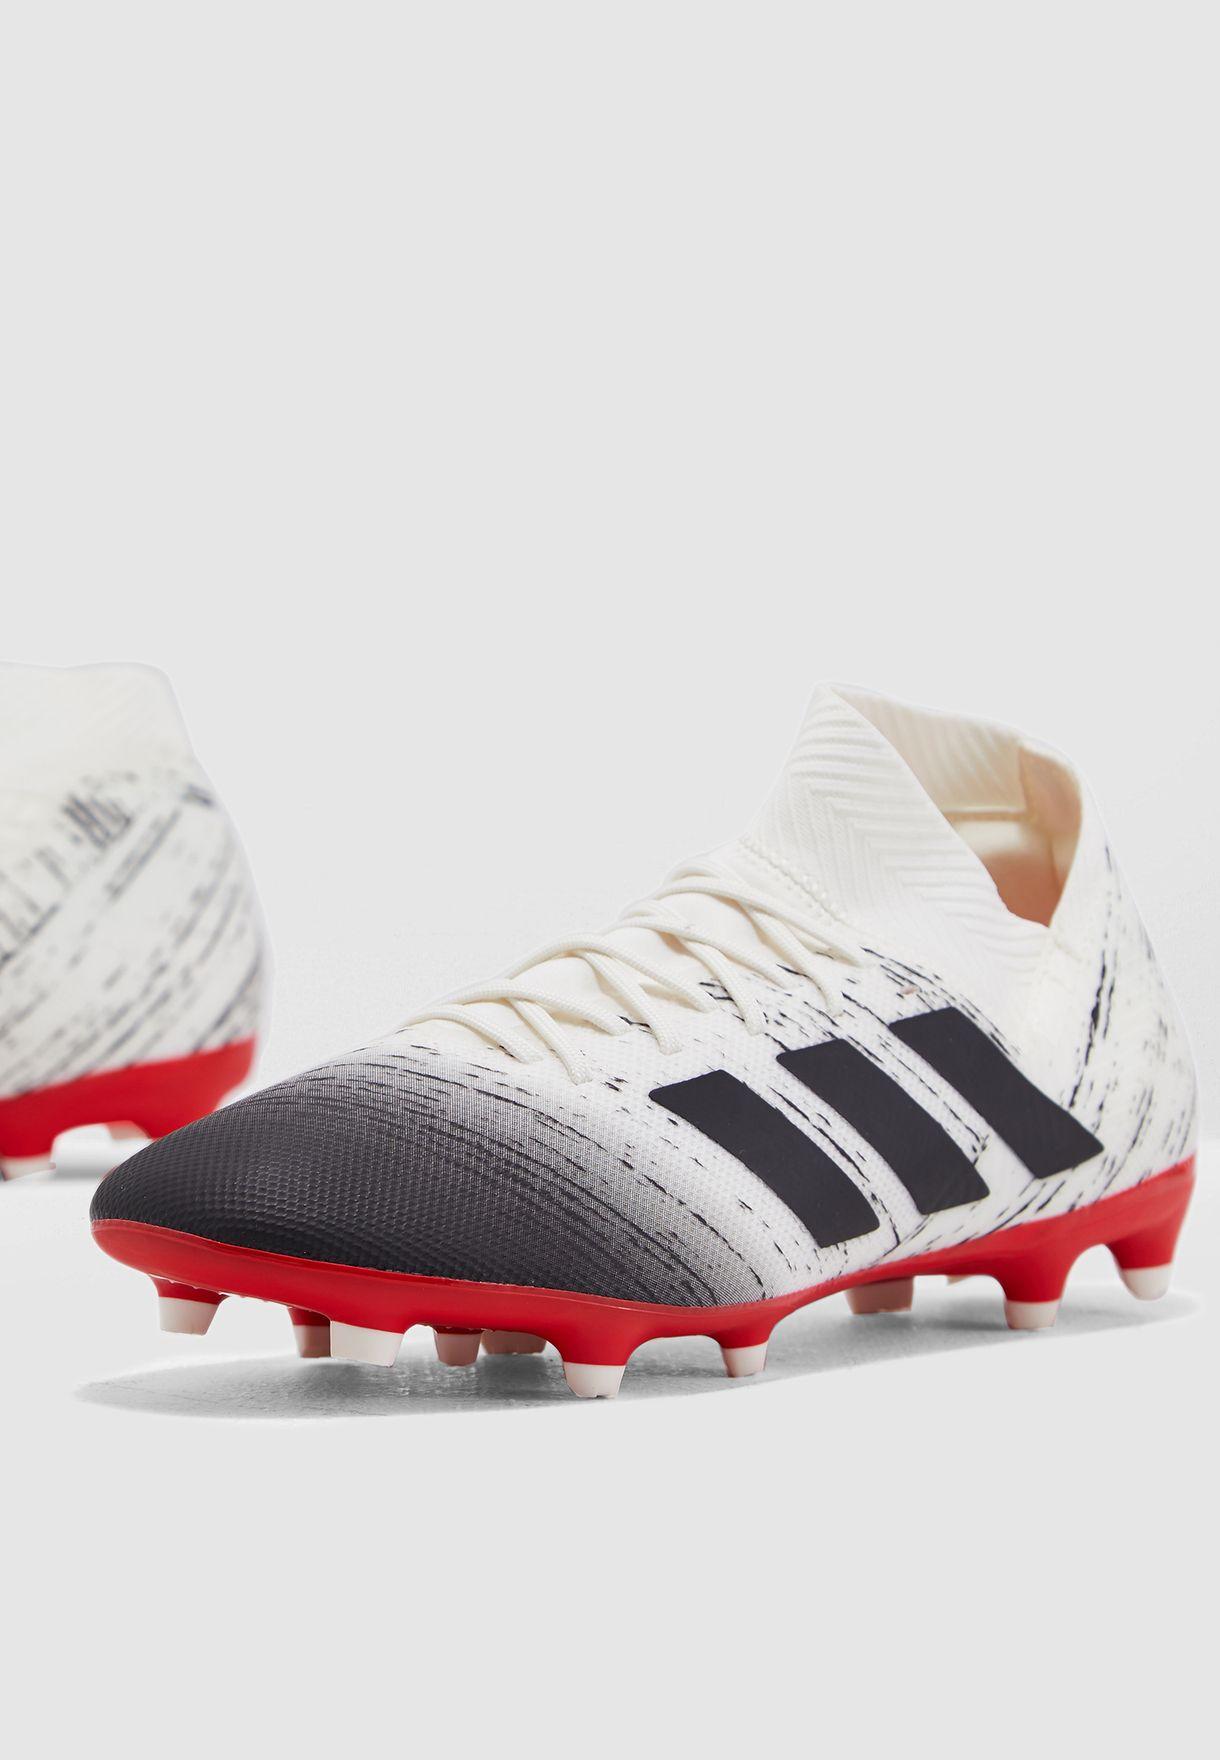 bd852e246abb Shop adidas prints Nemeziz 18.3 FG BB9437 for Men in Saudi ...